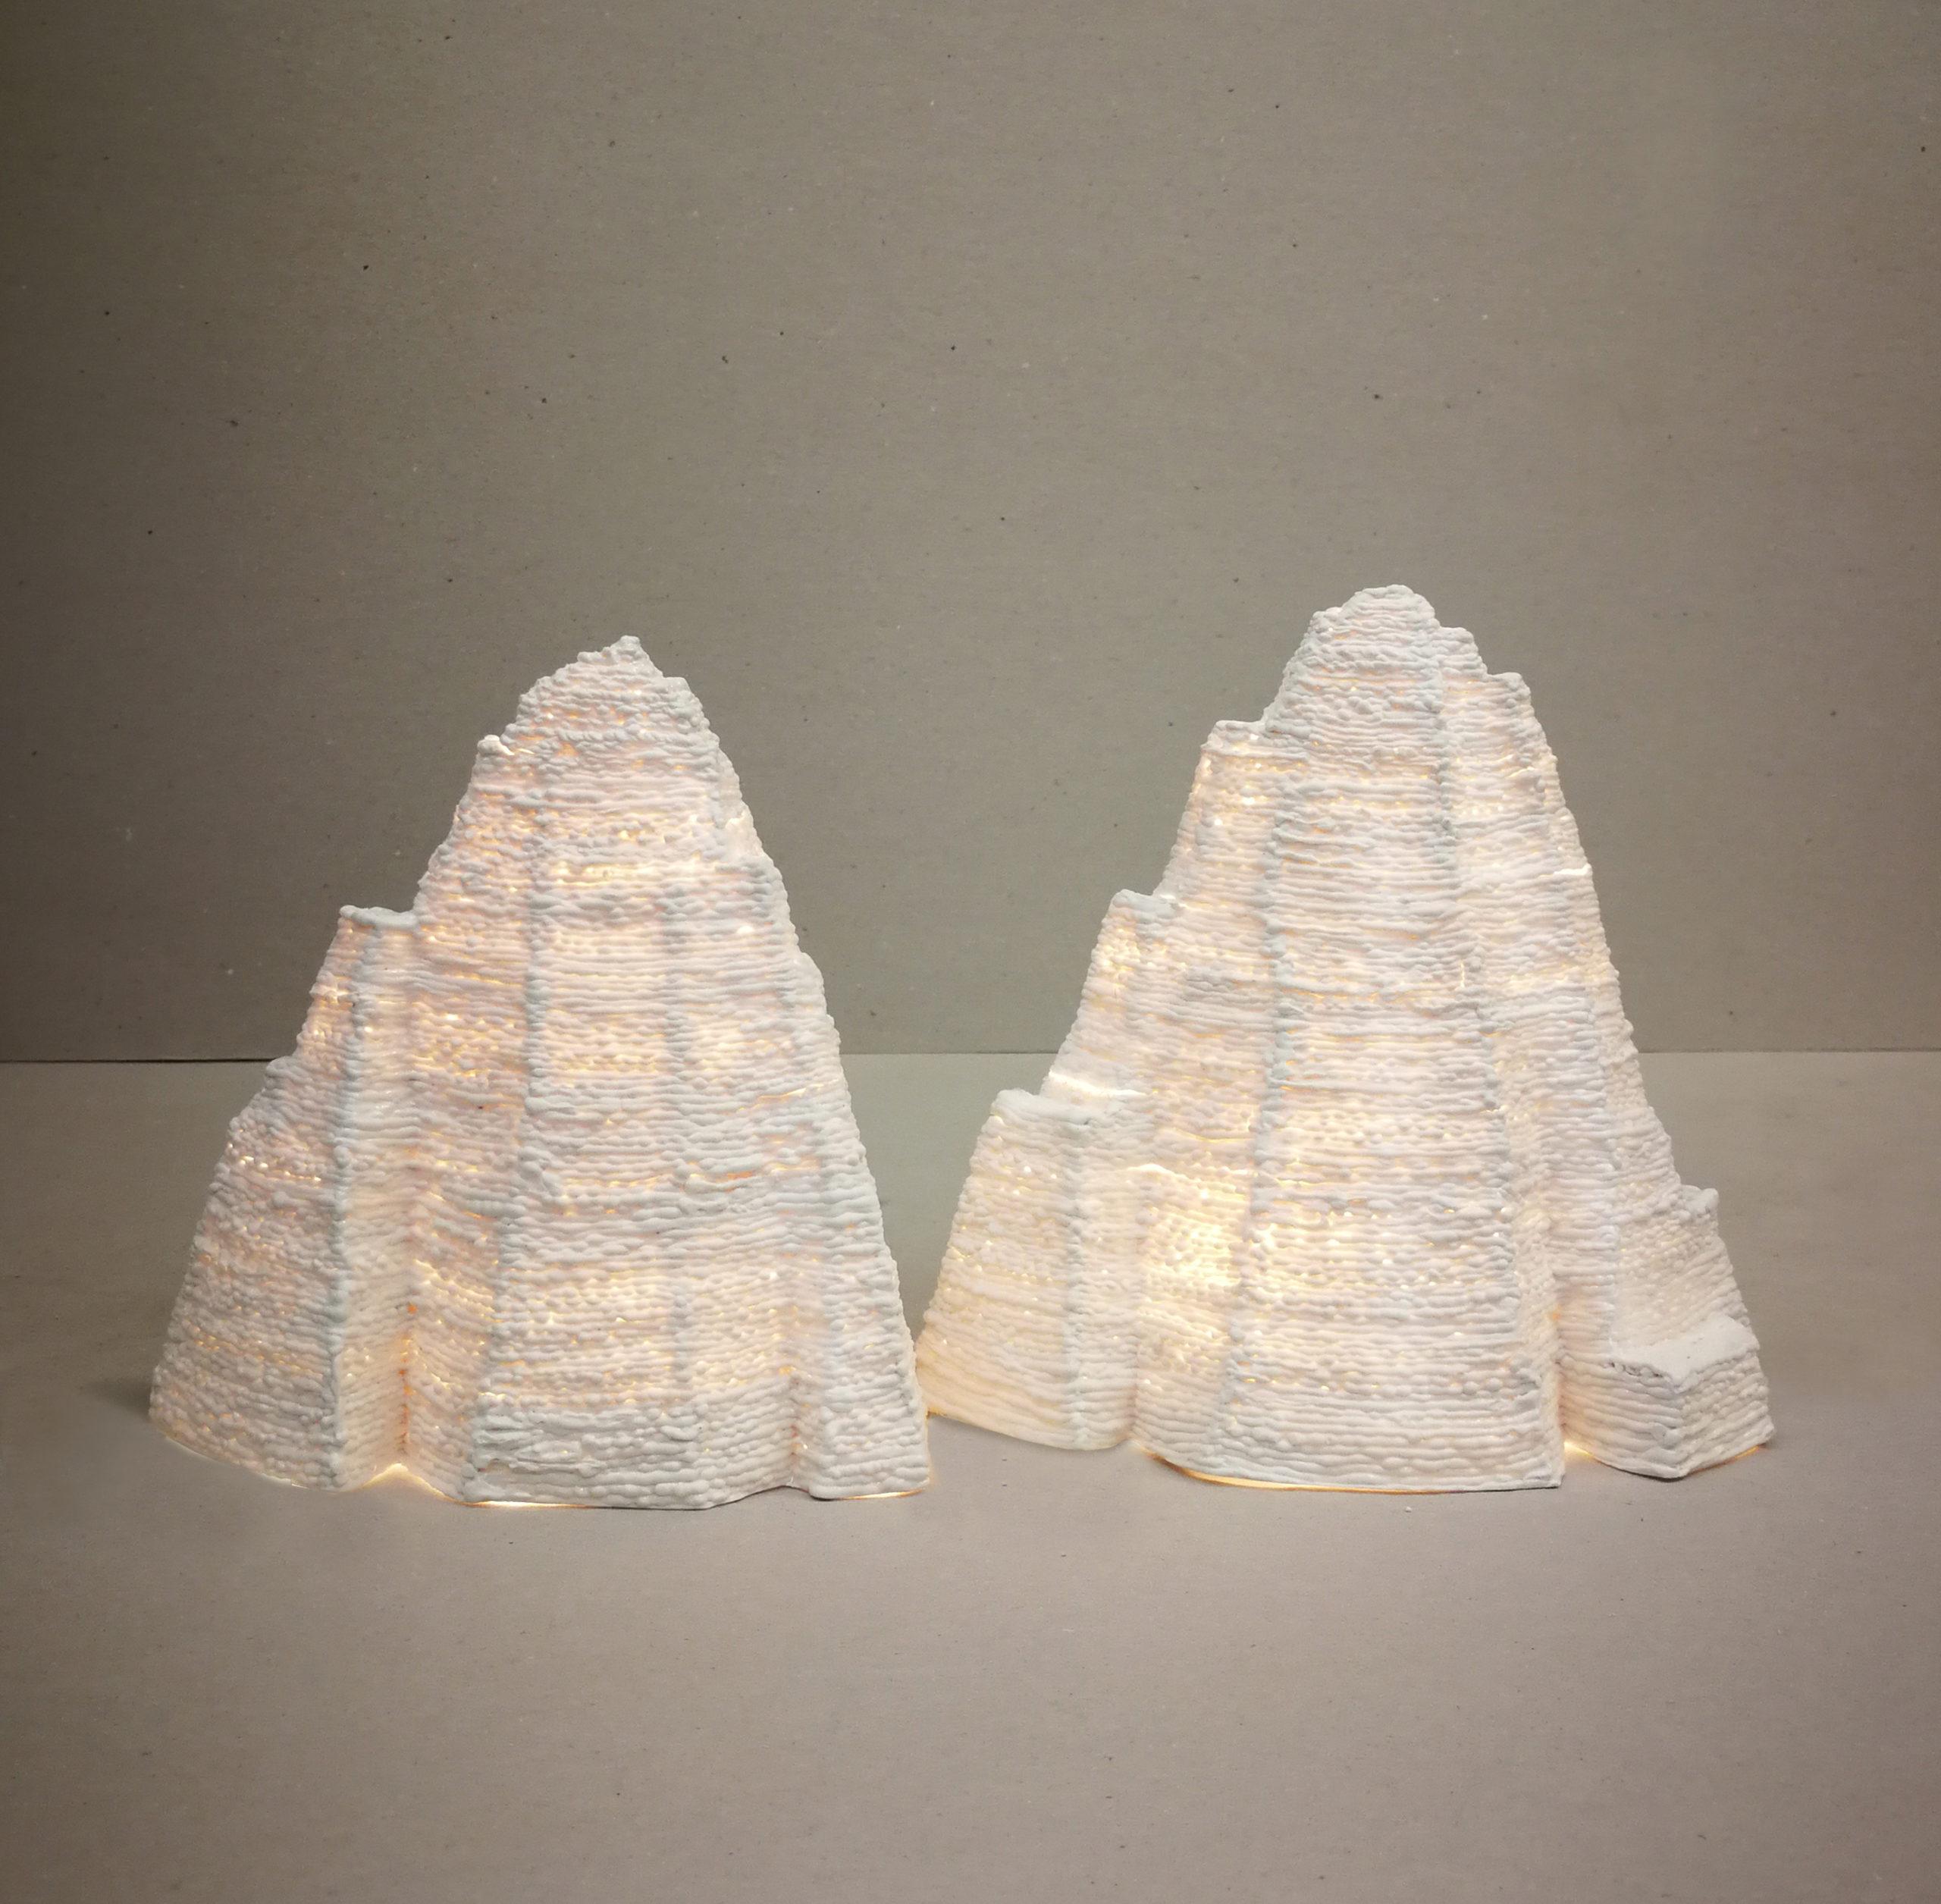 3 July ceramic artist Līga Skariņa to open a solo exhibition at the Rothko Centre